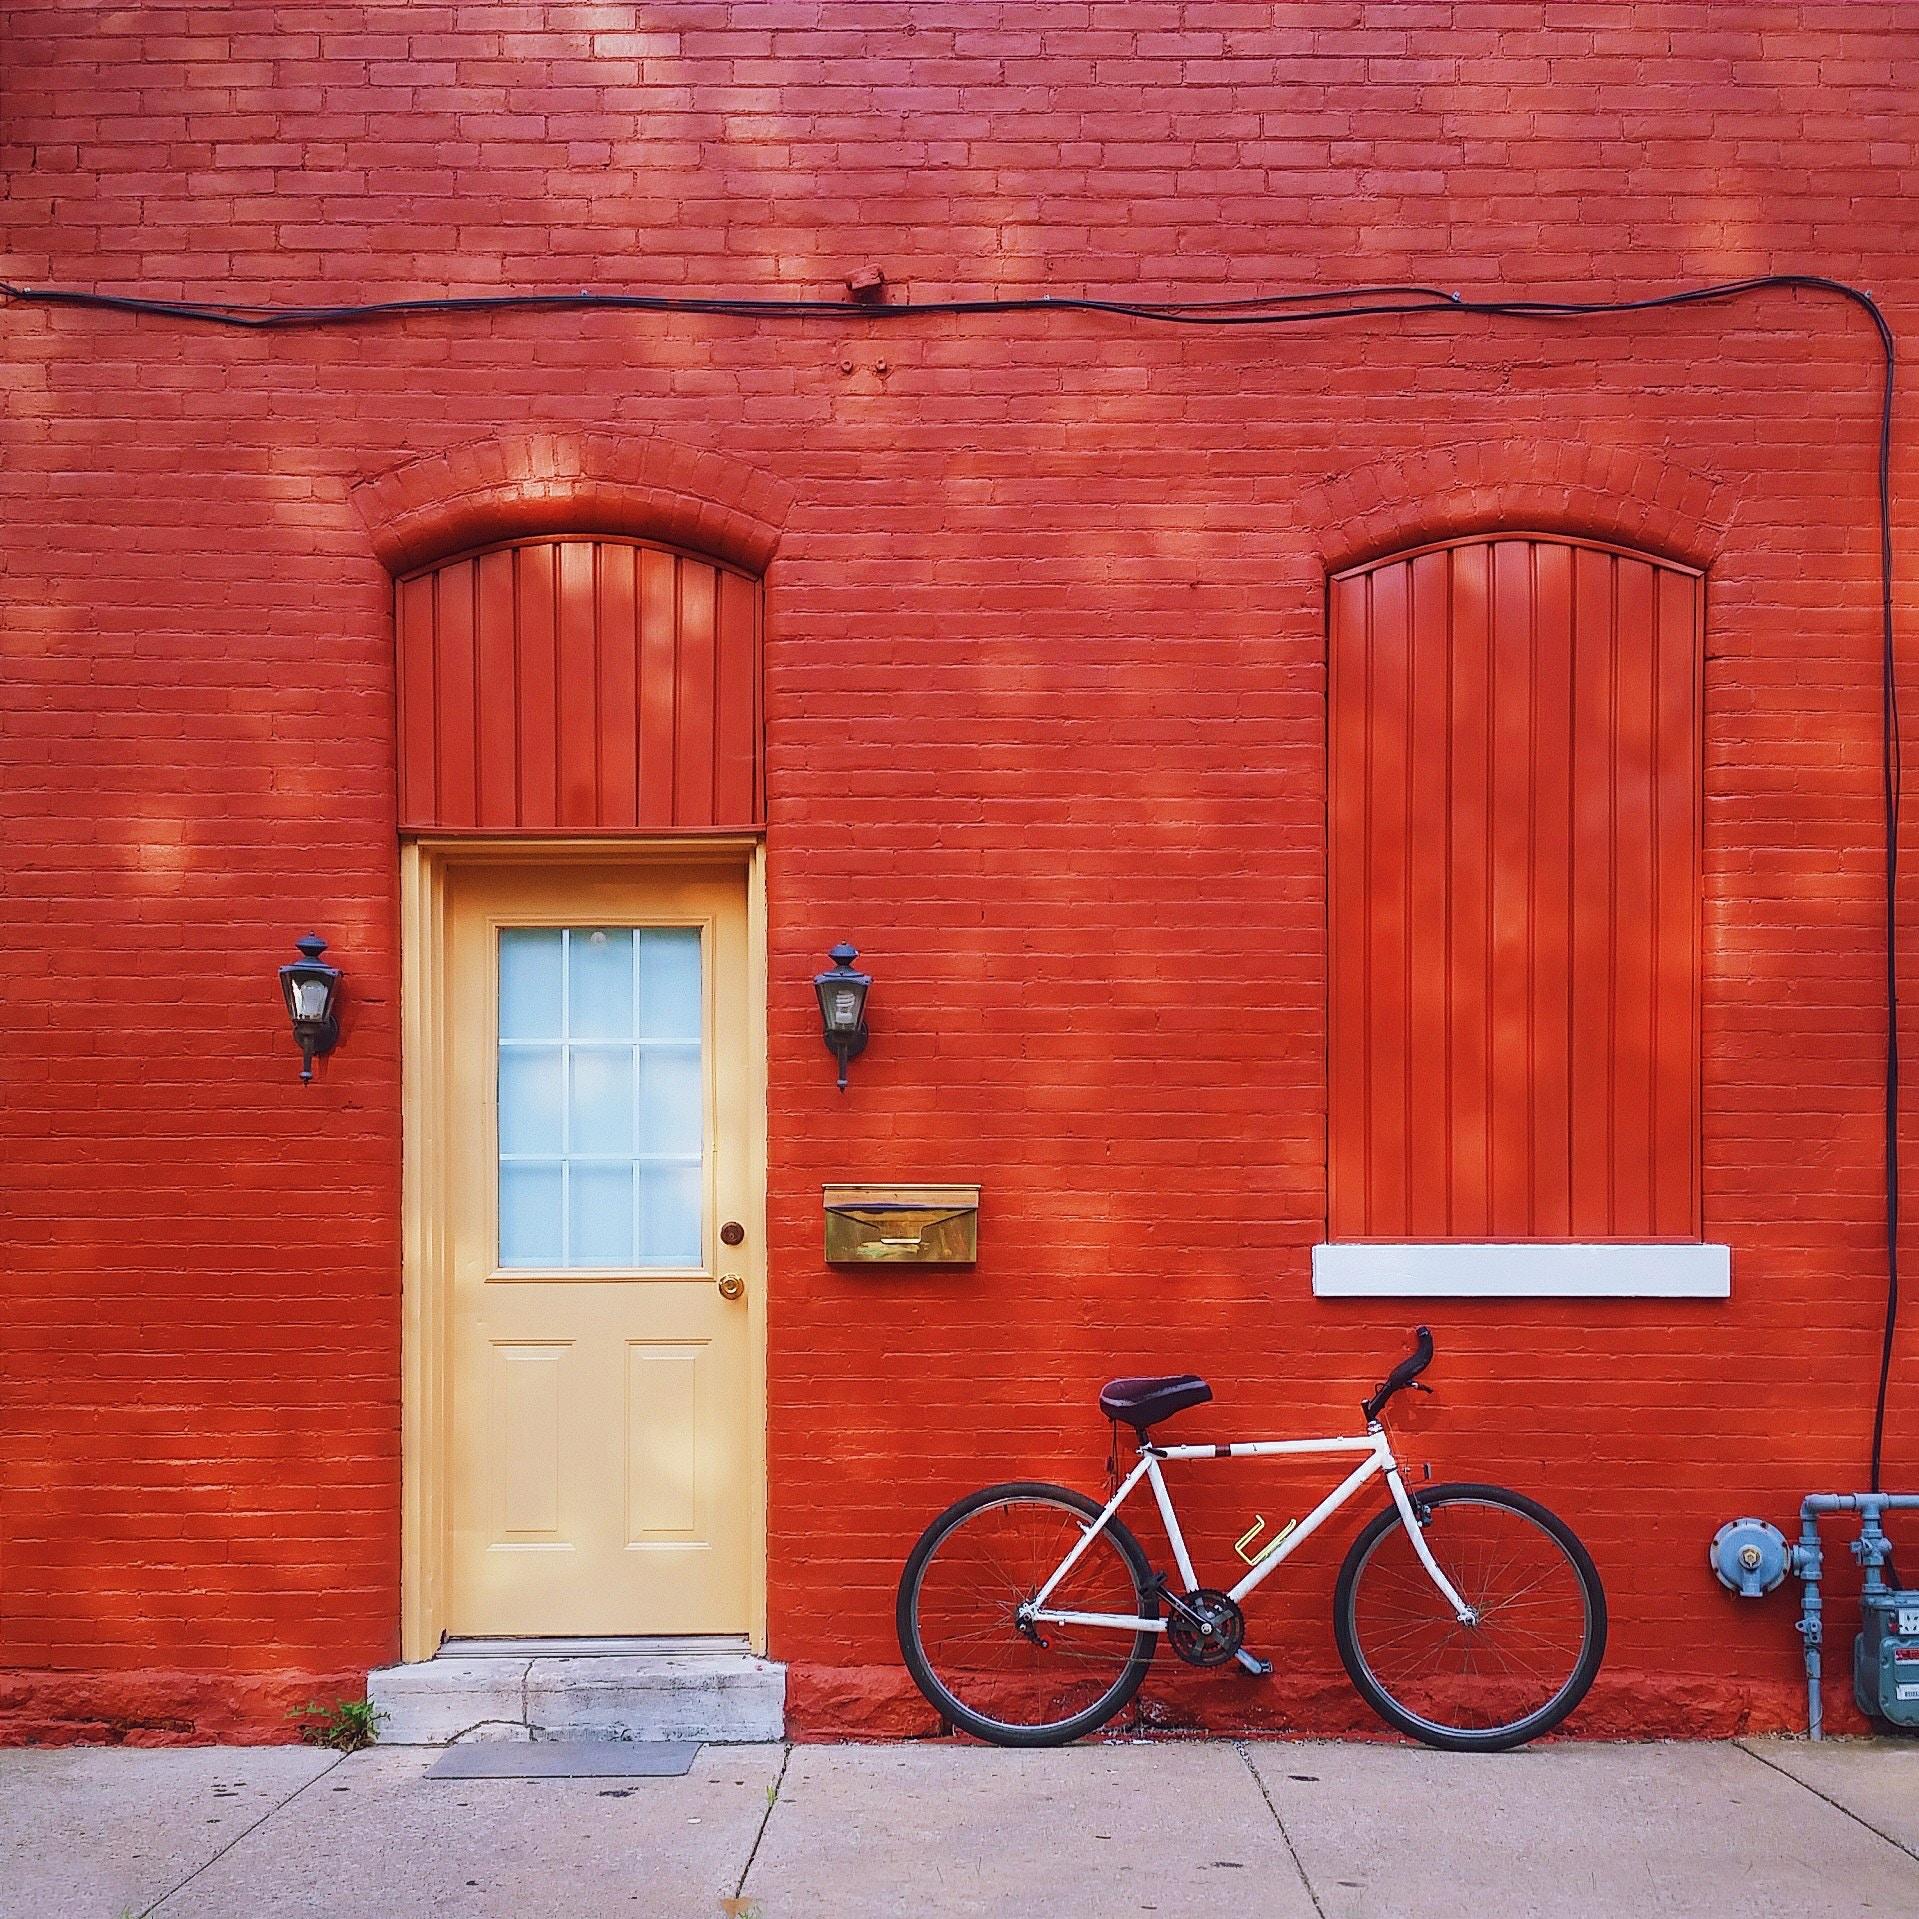 Porte d'entrée rue maison rouge avec vélo posé devant